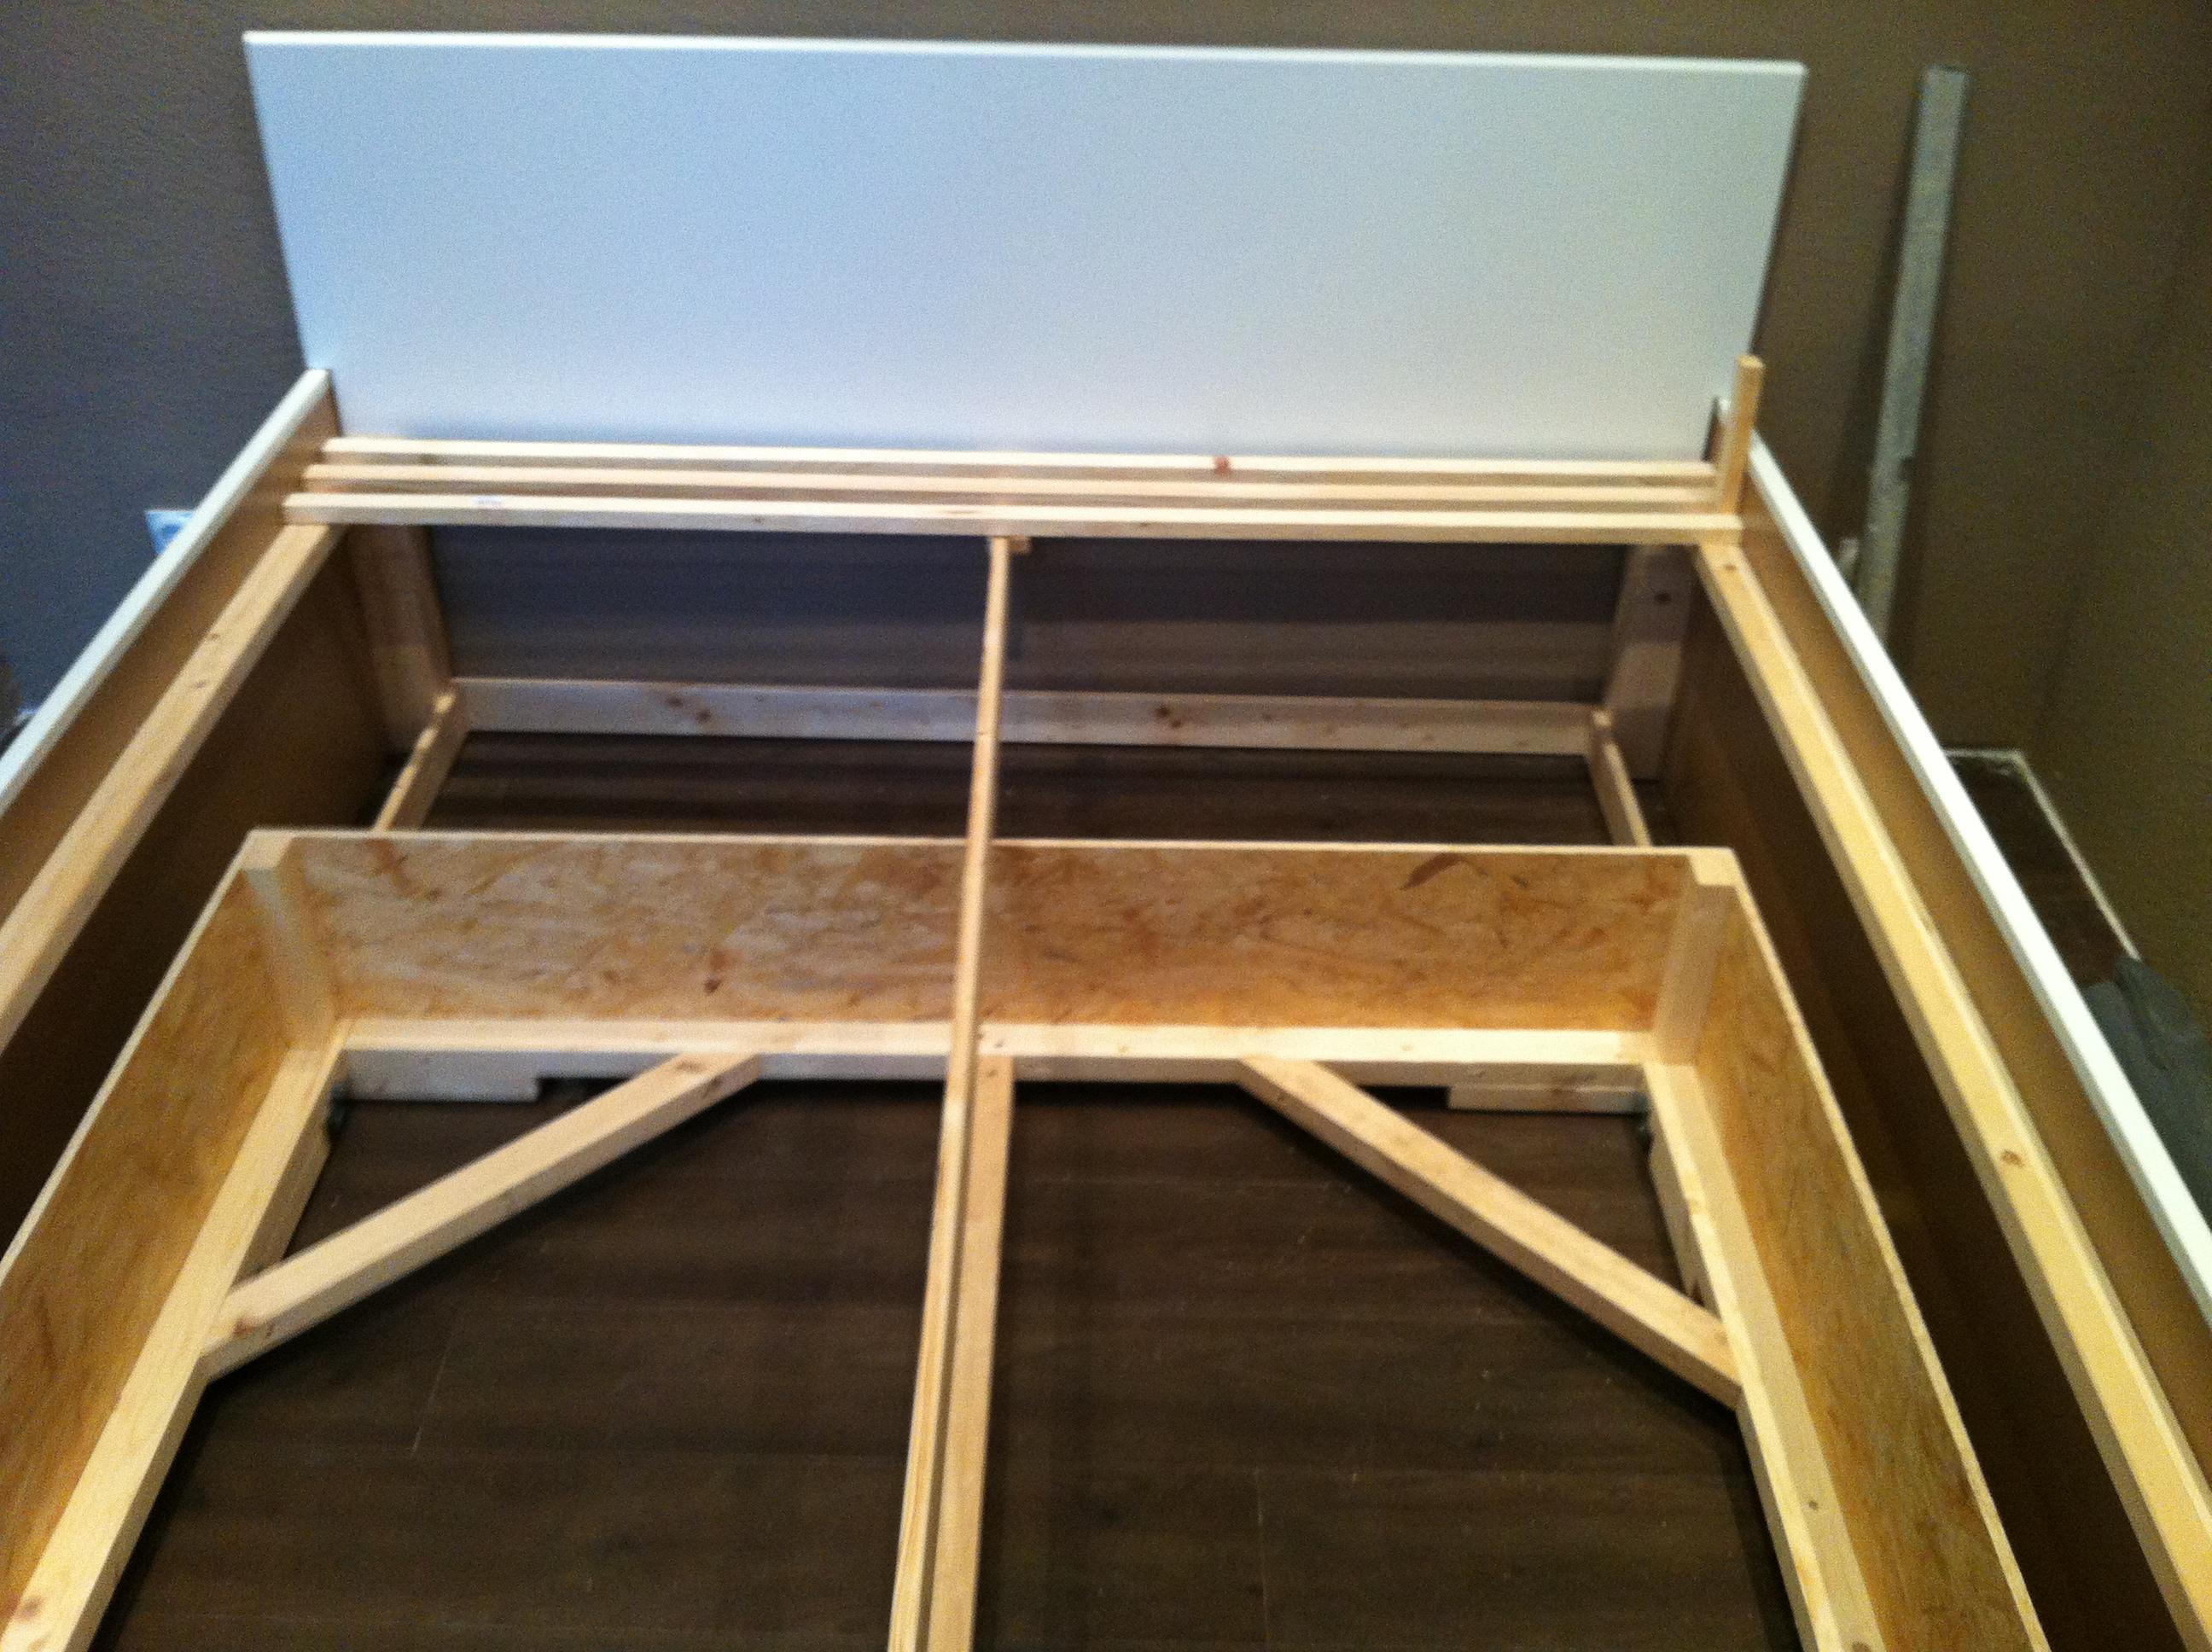 ikea lattenroste passen nicht m bel kraft bettw sche schlafsofas sofort lieferbar alvi 100x135. Black Bedroom Furniture Sets. Home Design Ideas